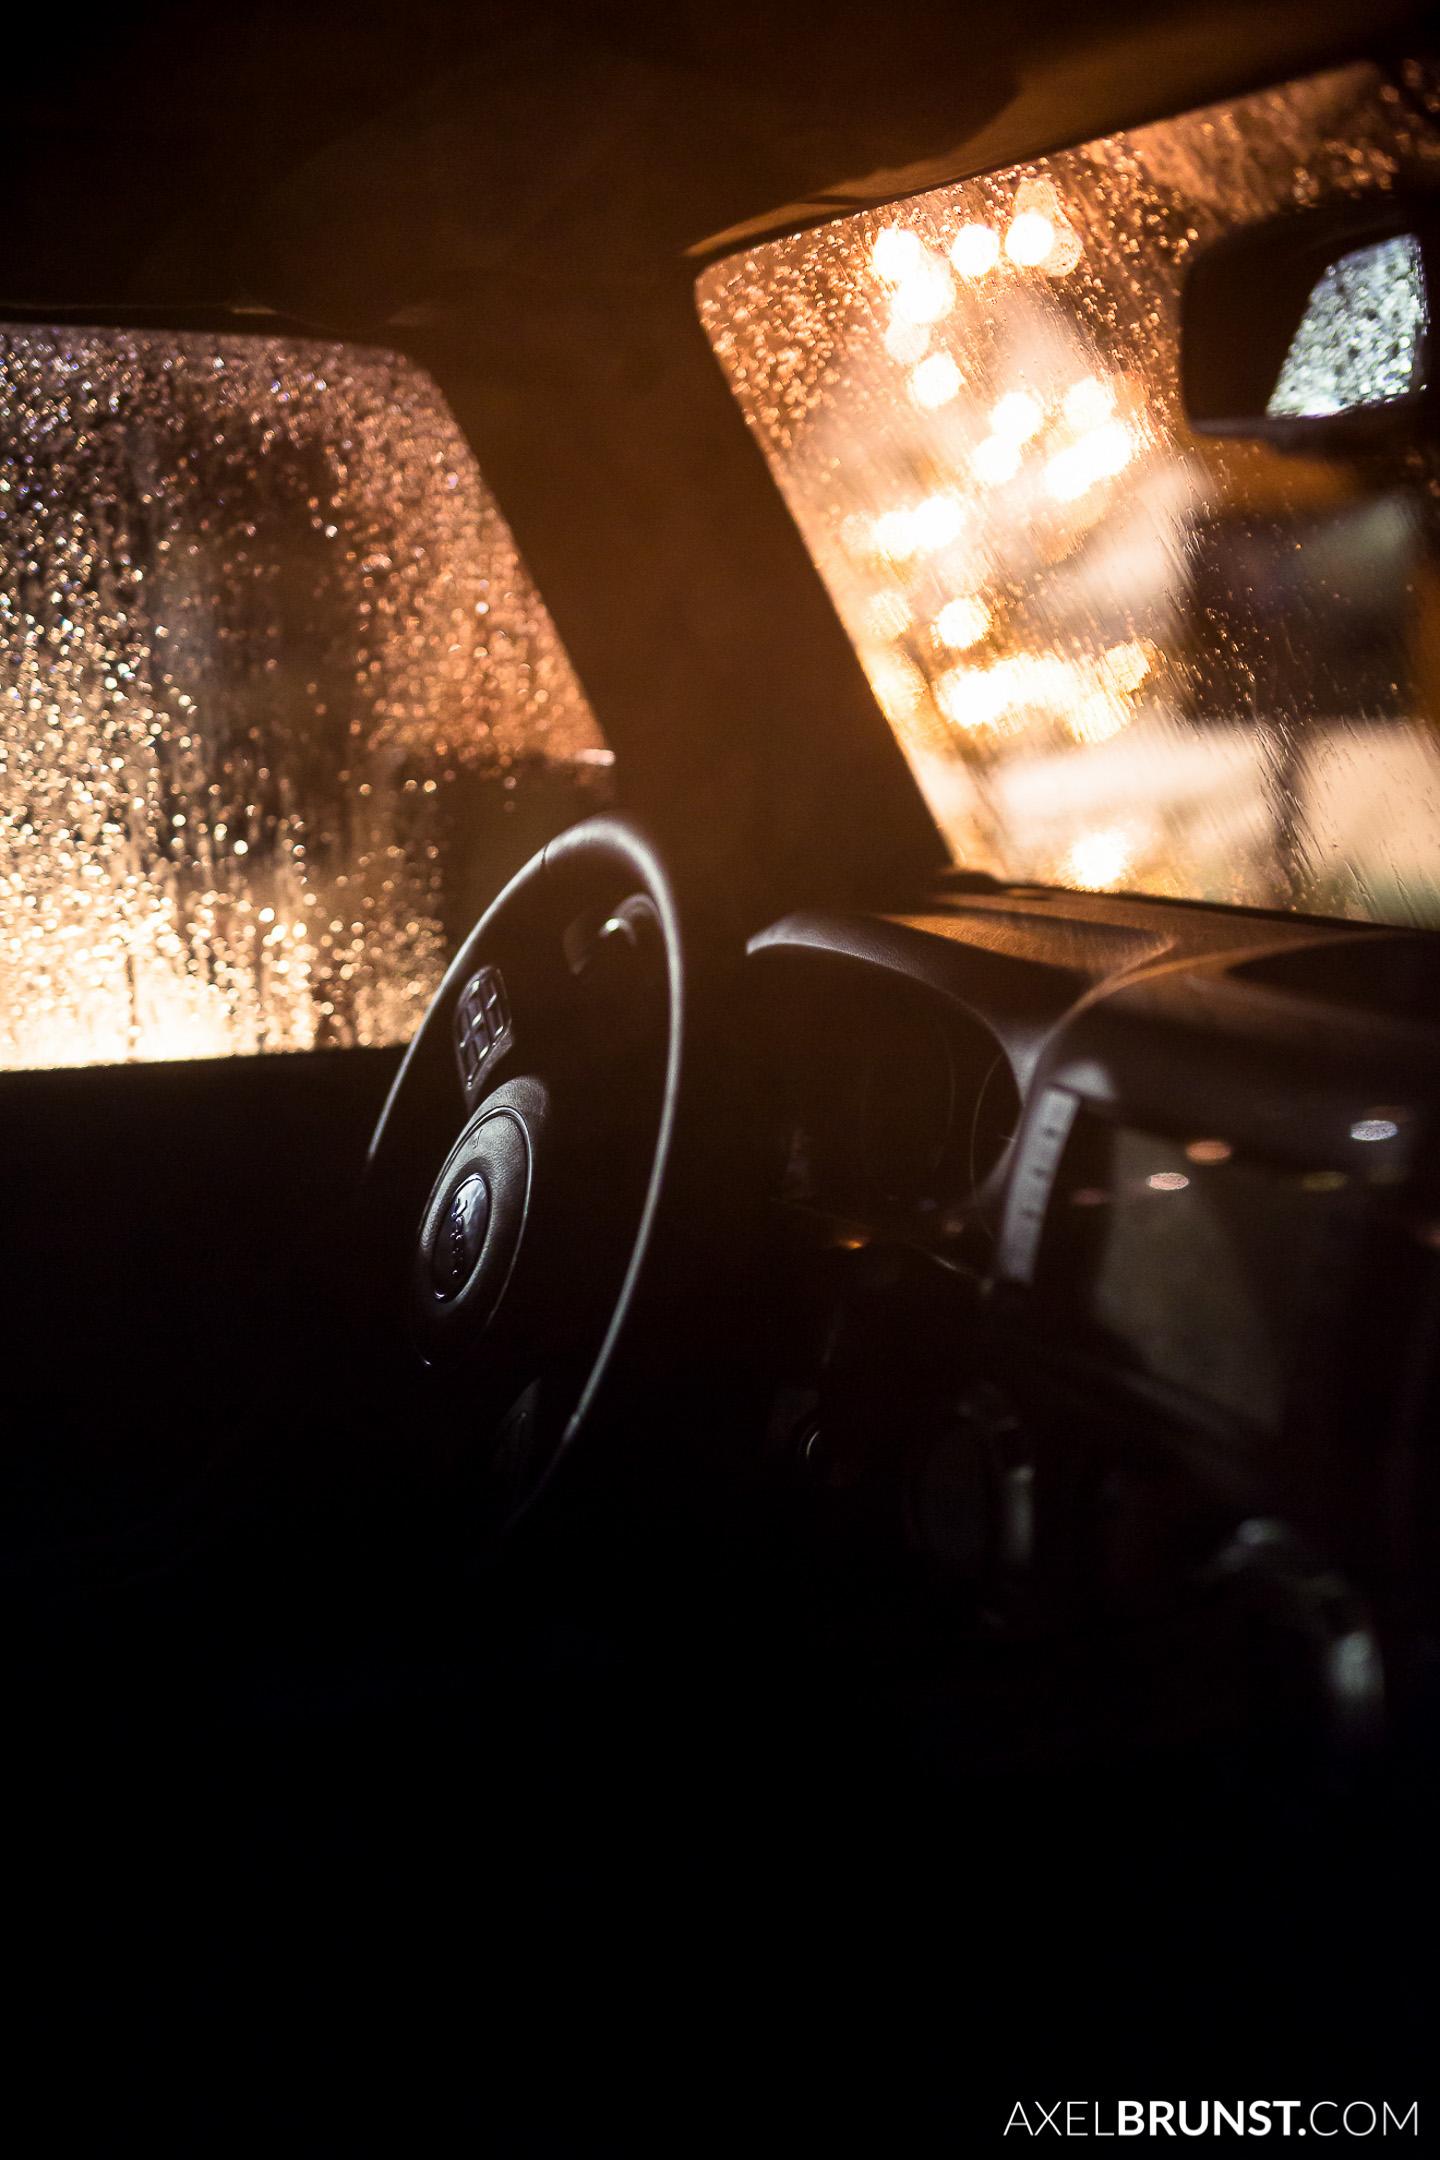 jeep-wrangler-roadtrip-alps-7.jpg